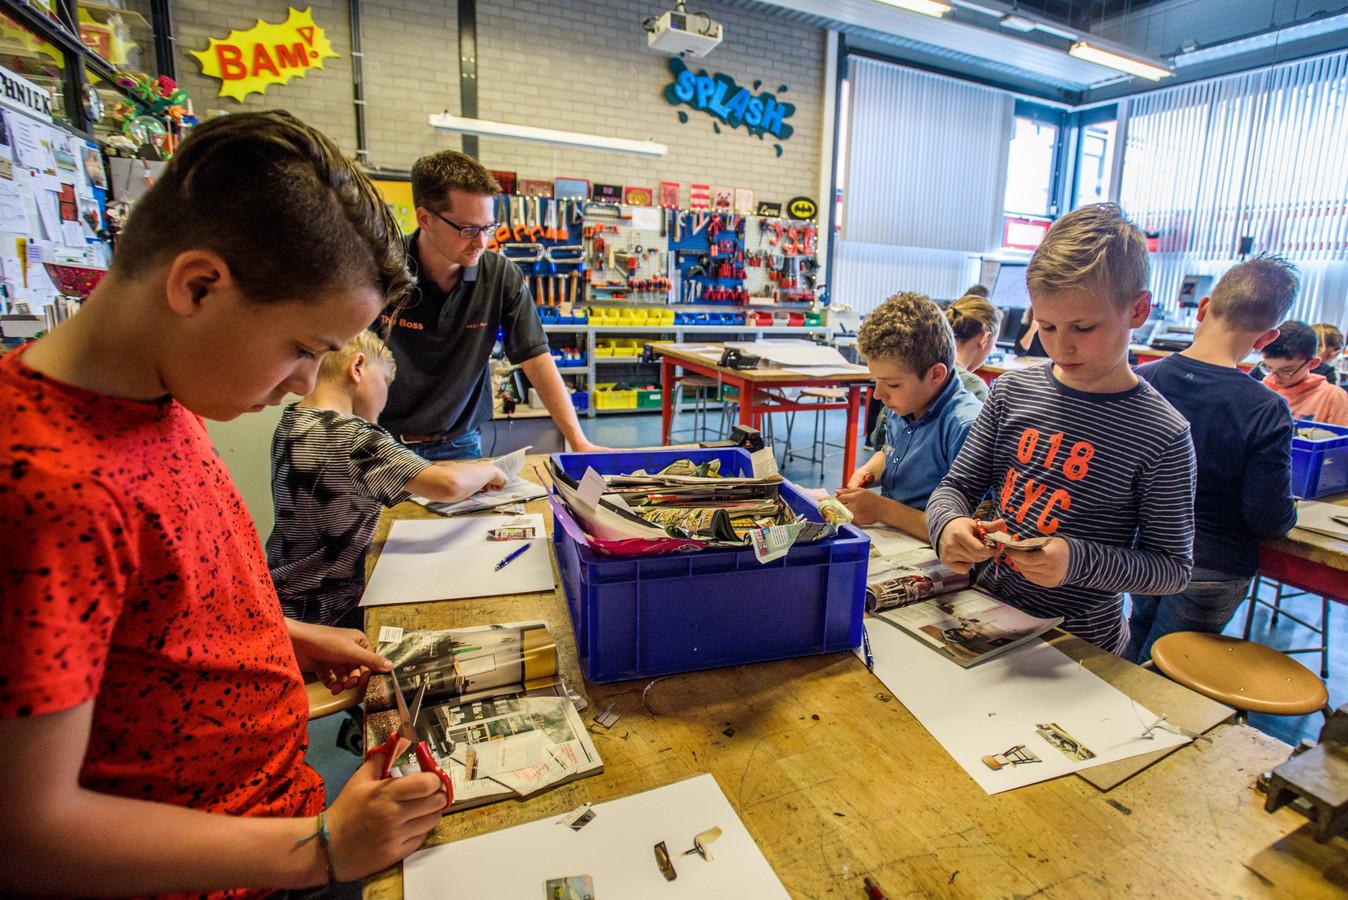 Techniekles op de basisschool draagt bij aan de cultuurverandering die nodig is om ook in de toekomst voldoende vakmensen te hebben.